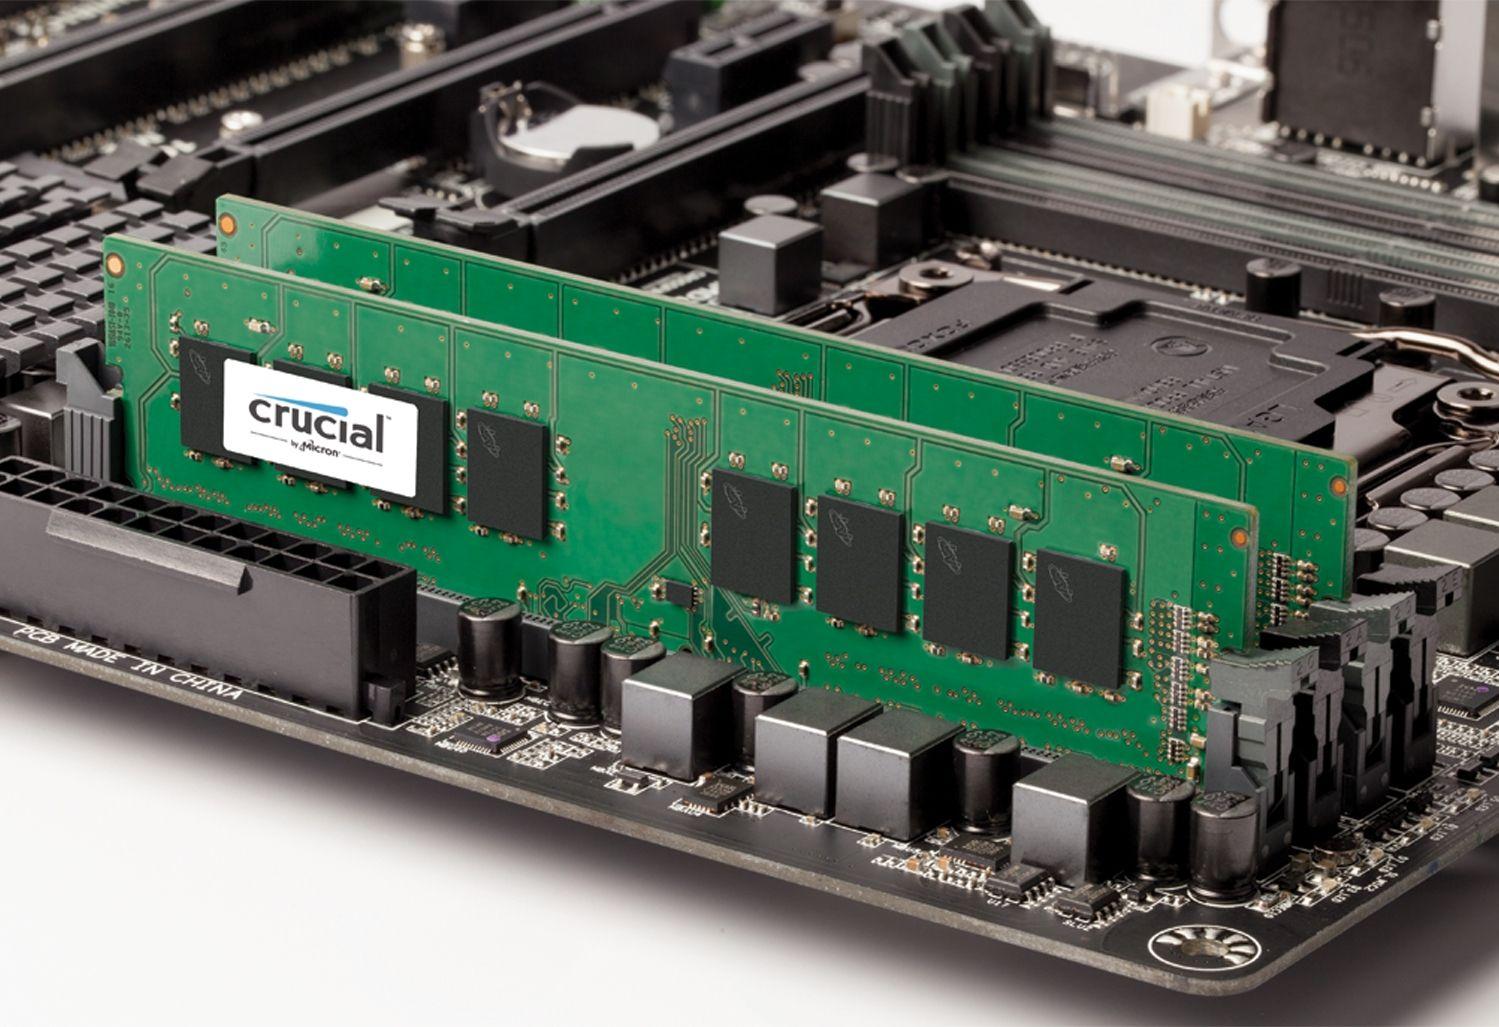 Un módulo de memoria RAM de Crucial en la placa base al descubierto de un ordenador para indicar cómo actualizar la memoria en un ordenador viejo